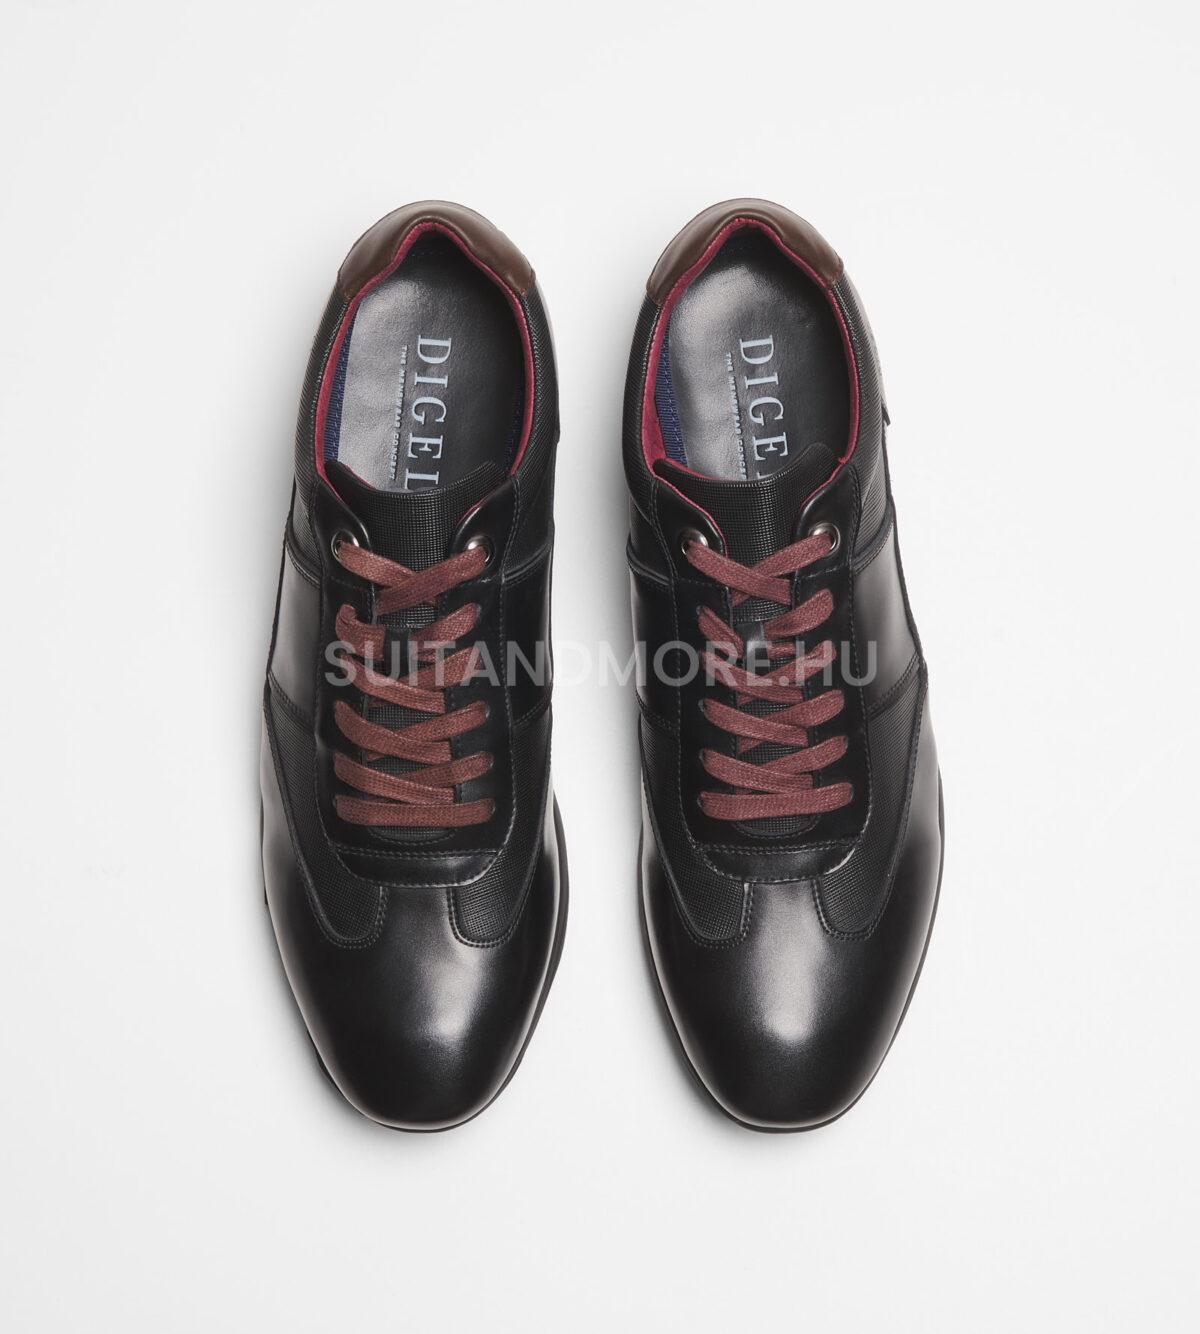 digel-fekete-sneaker-cipo-stearling-1279704-10-04